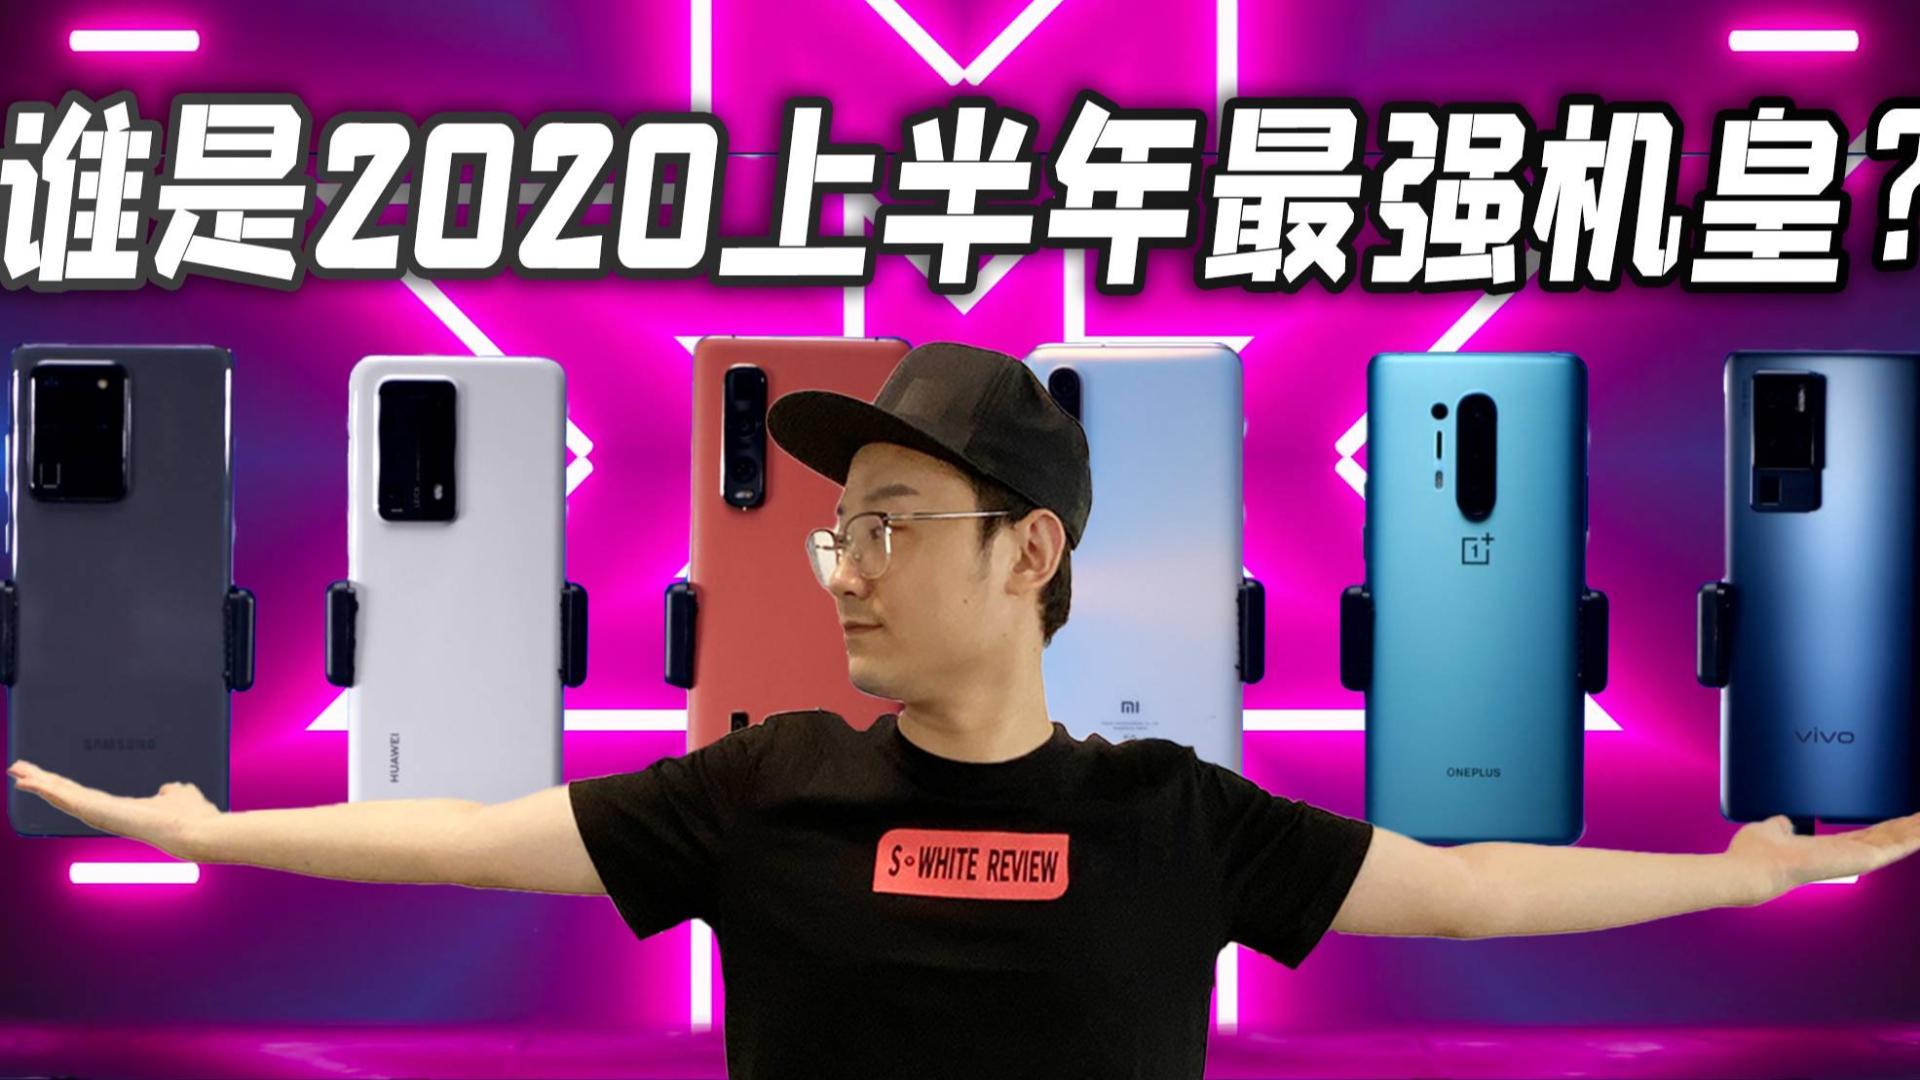 「小白测评」5000元旗舰手机大横评 2020年中盘点上集